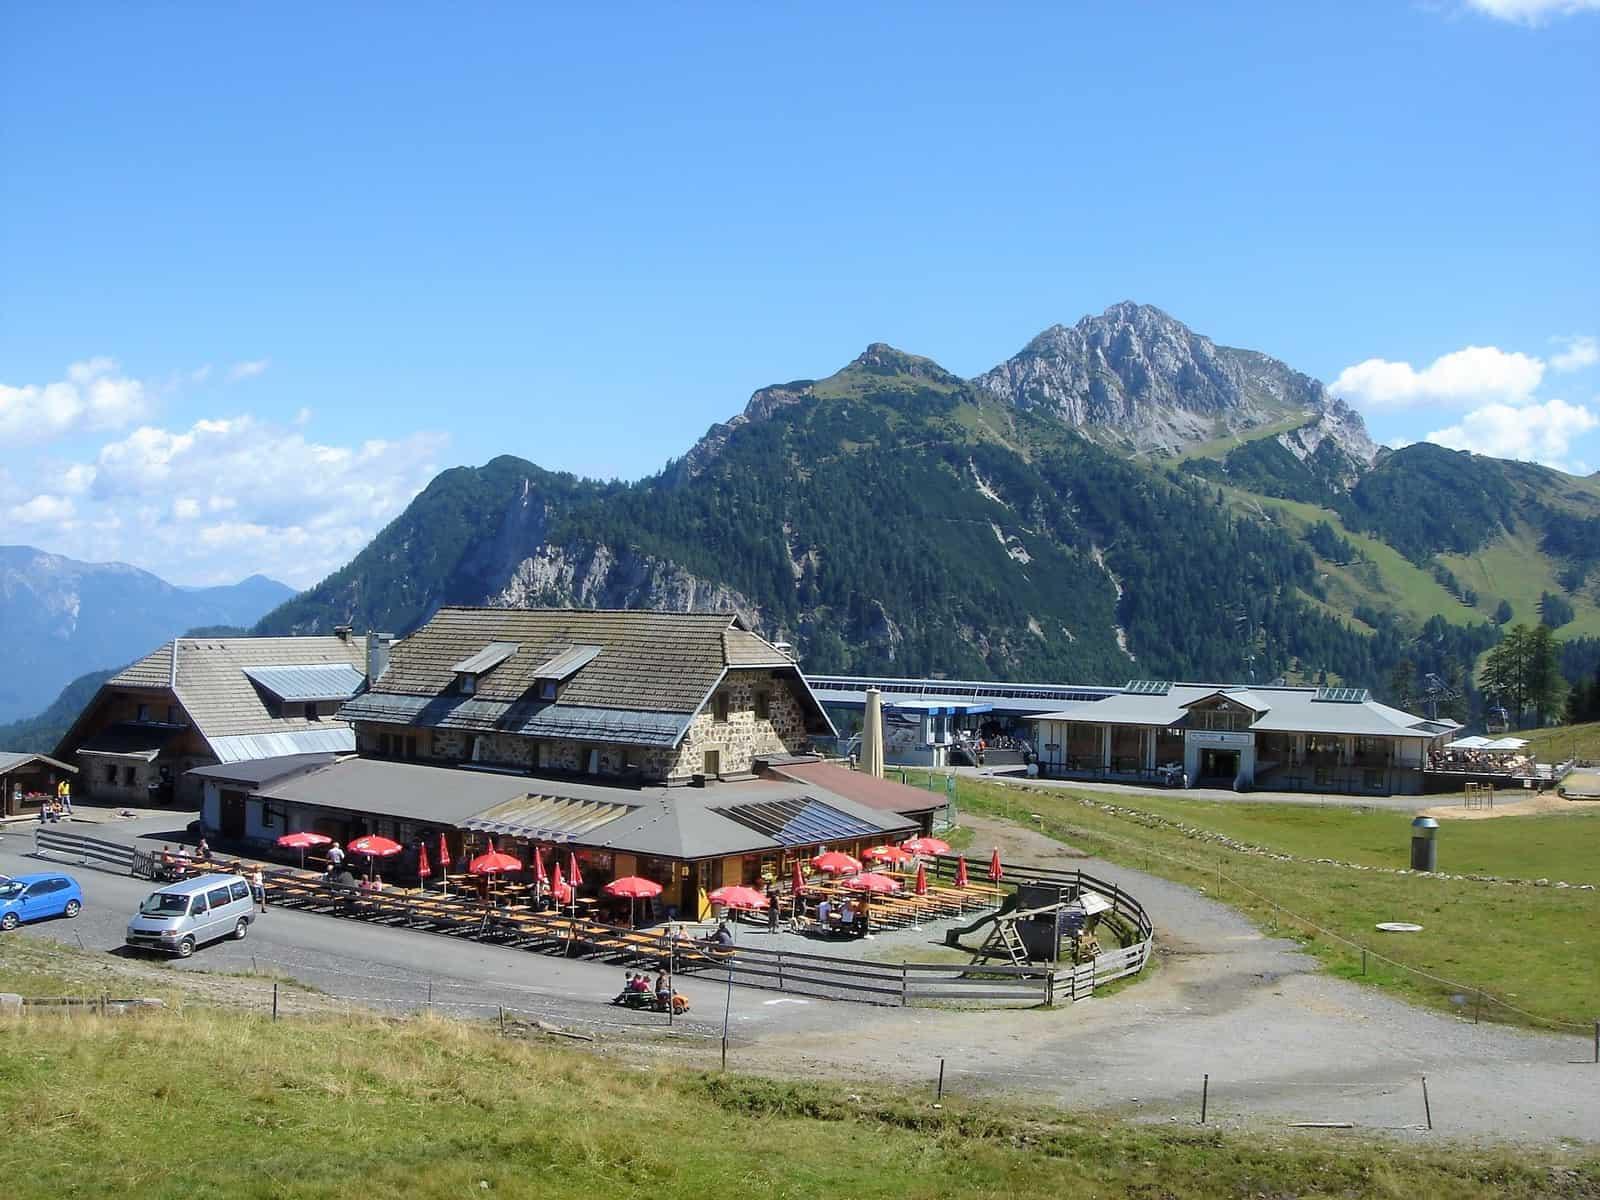 Ausflugsziel und Gasthaus bei der Schaukäserei Tressdorfer Alm am Nassfeld in Kärnten